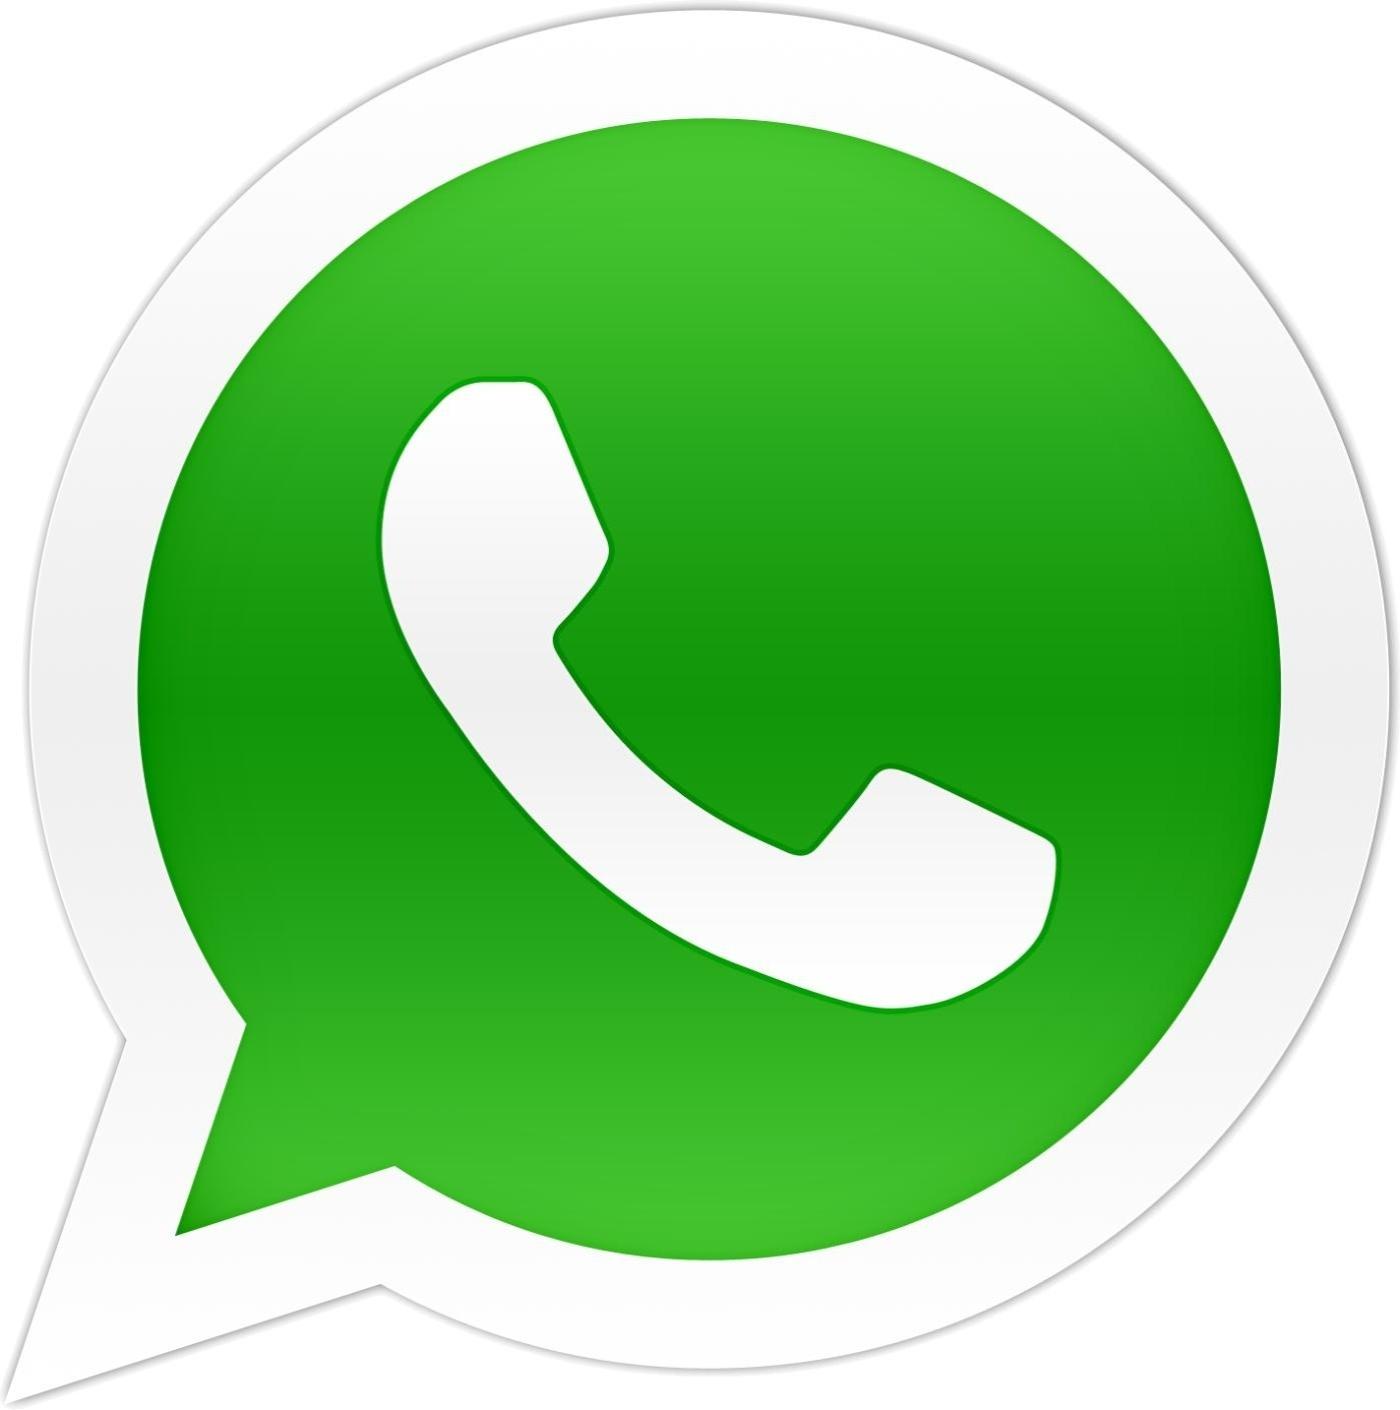 Agora o WhatsApp liberou a função Status na versão web - 18/08/2017 - UOL  TILT